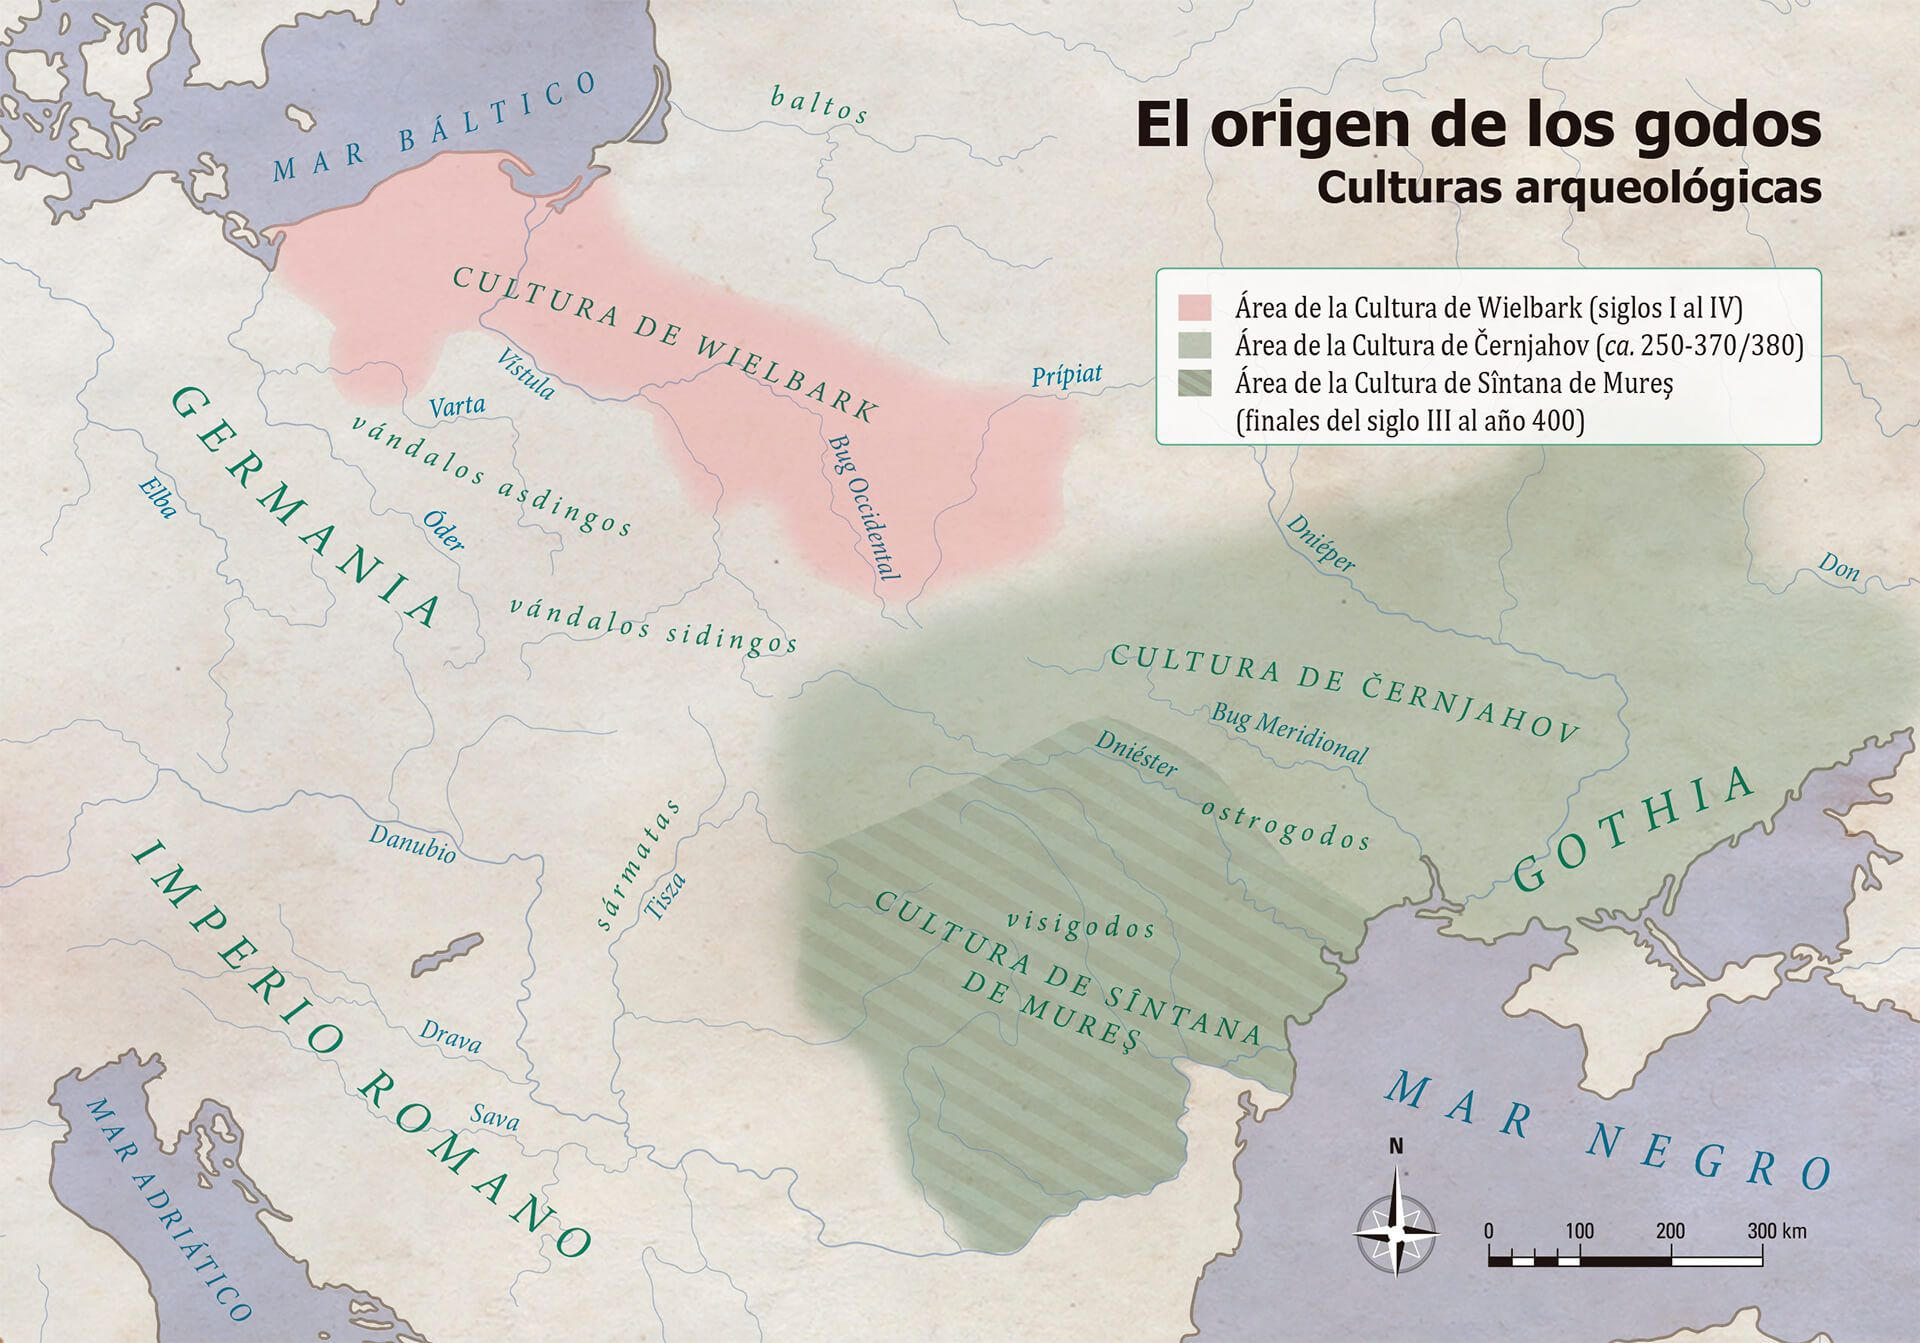 Mapa origen de los visigodos